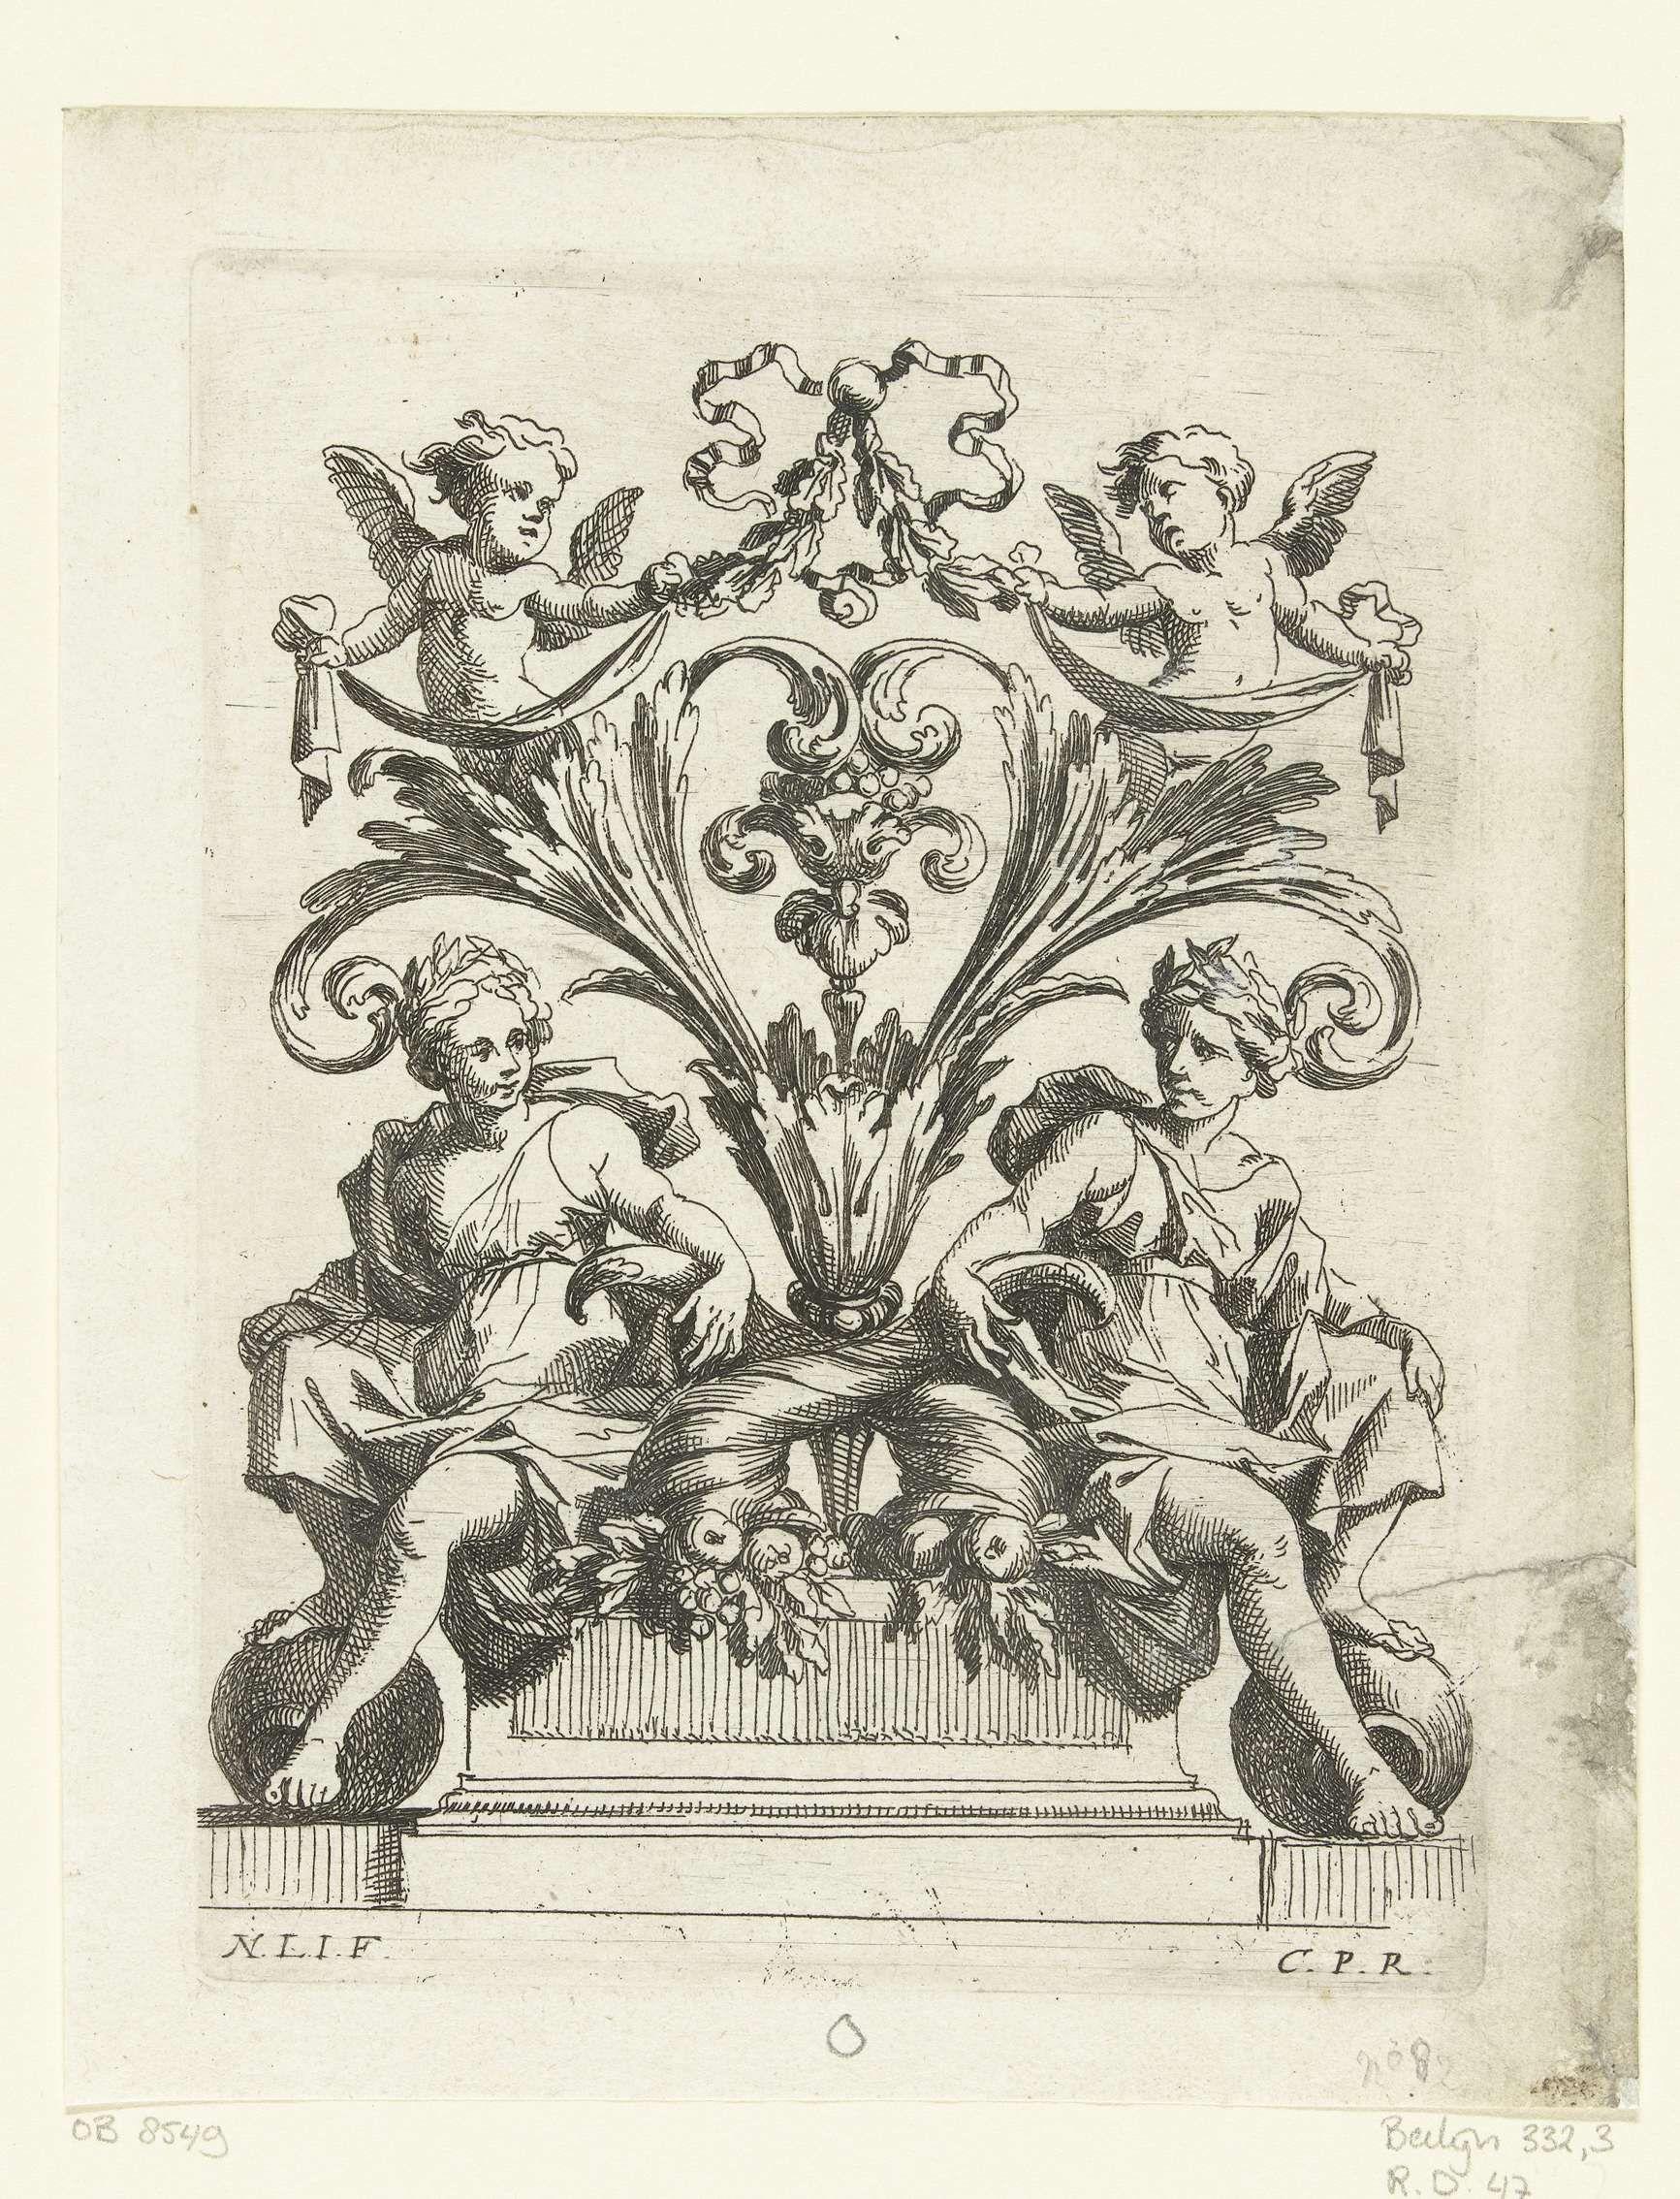 Nicolas Pierre Loir | Twee vrouwen zittend op voetstuk, Nicolas Pierre Loir, c. 1660 - c. 1670 | Beide vrouwen dragen een lauwerkrans en leunen op een hoorn des overvloeds. Blad 2 uit serie van 12.